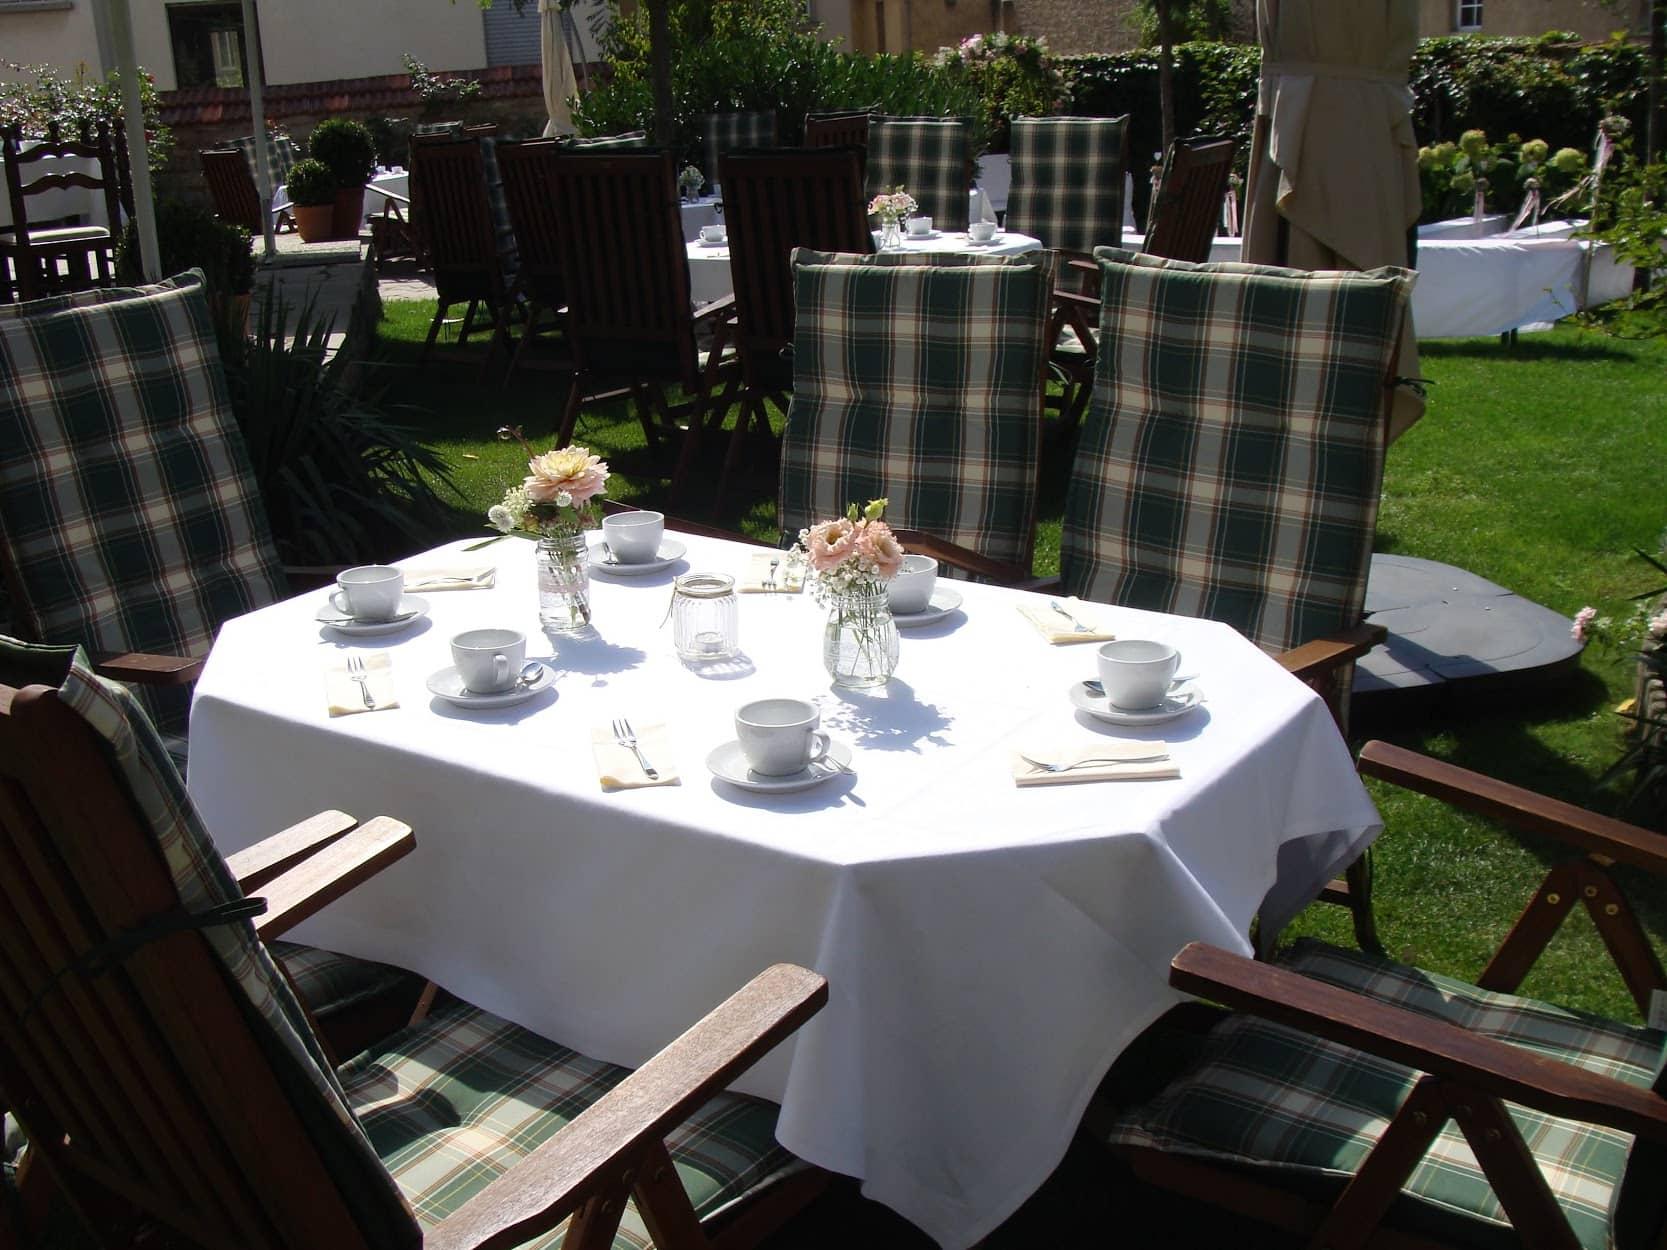 für Kaffee und Kuchen hergerichtete Tische im Garten